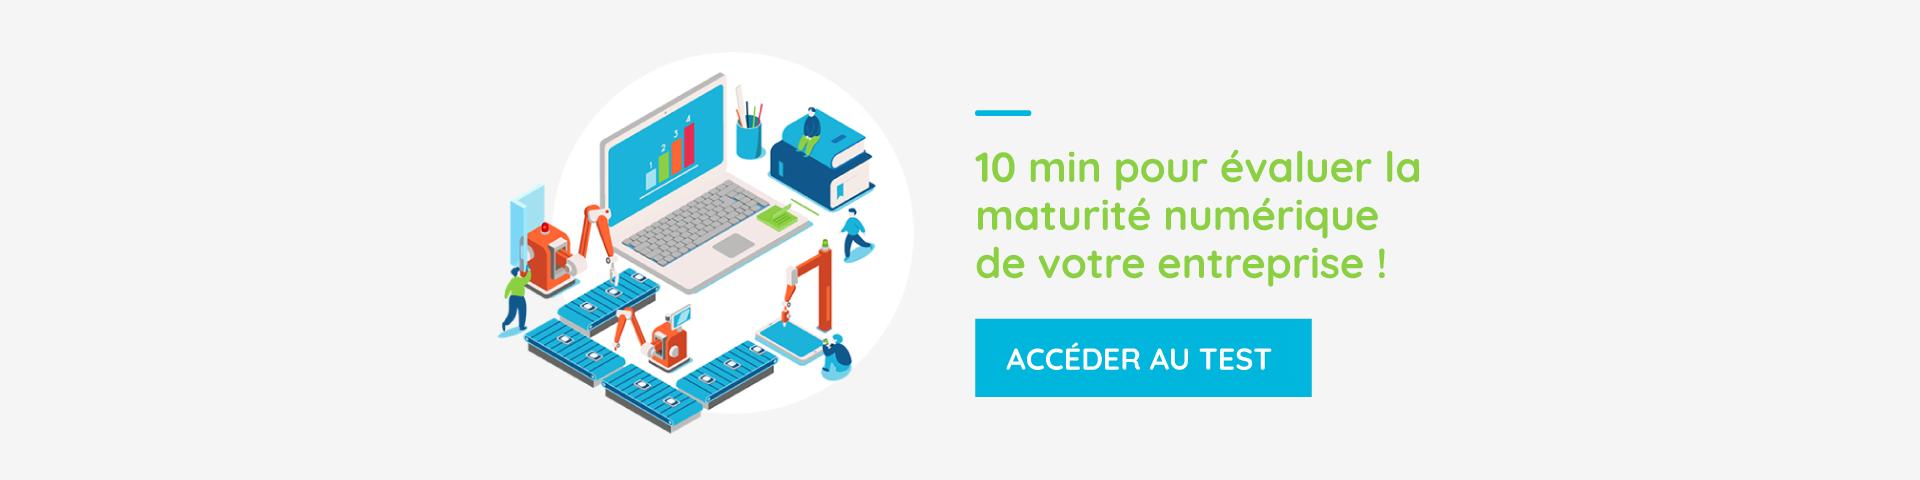 10 minutes pour évaluer la maturité numérique de votre entreprise ! Accéder au test.